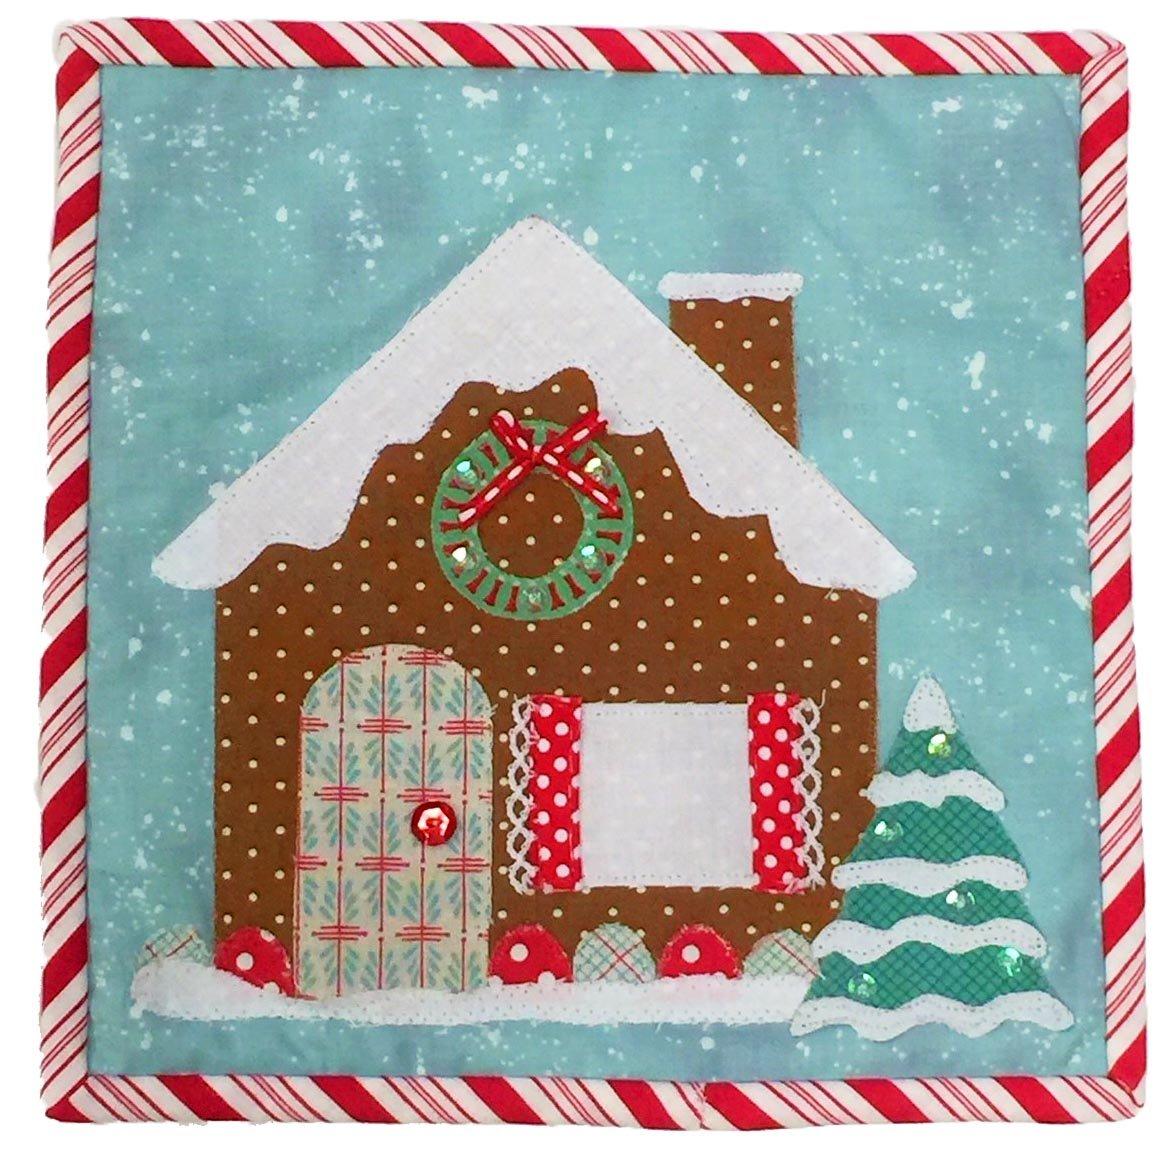 Mug Rug Kit Gingerbread House